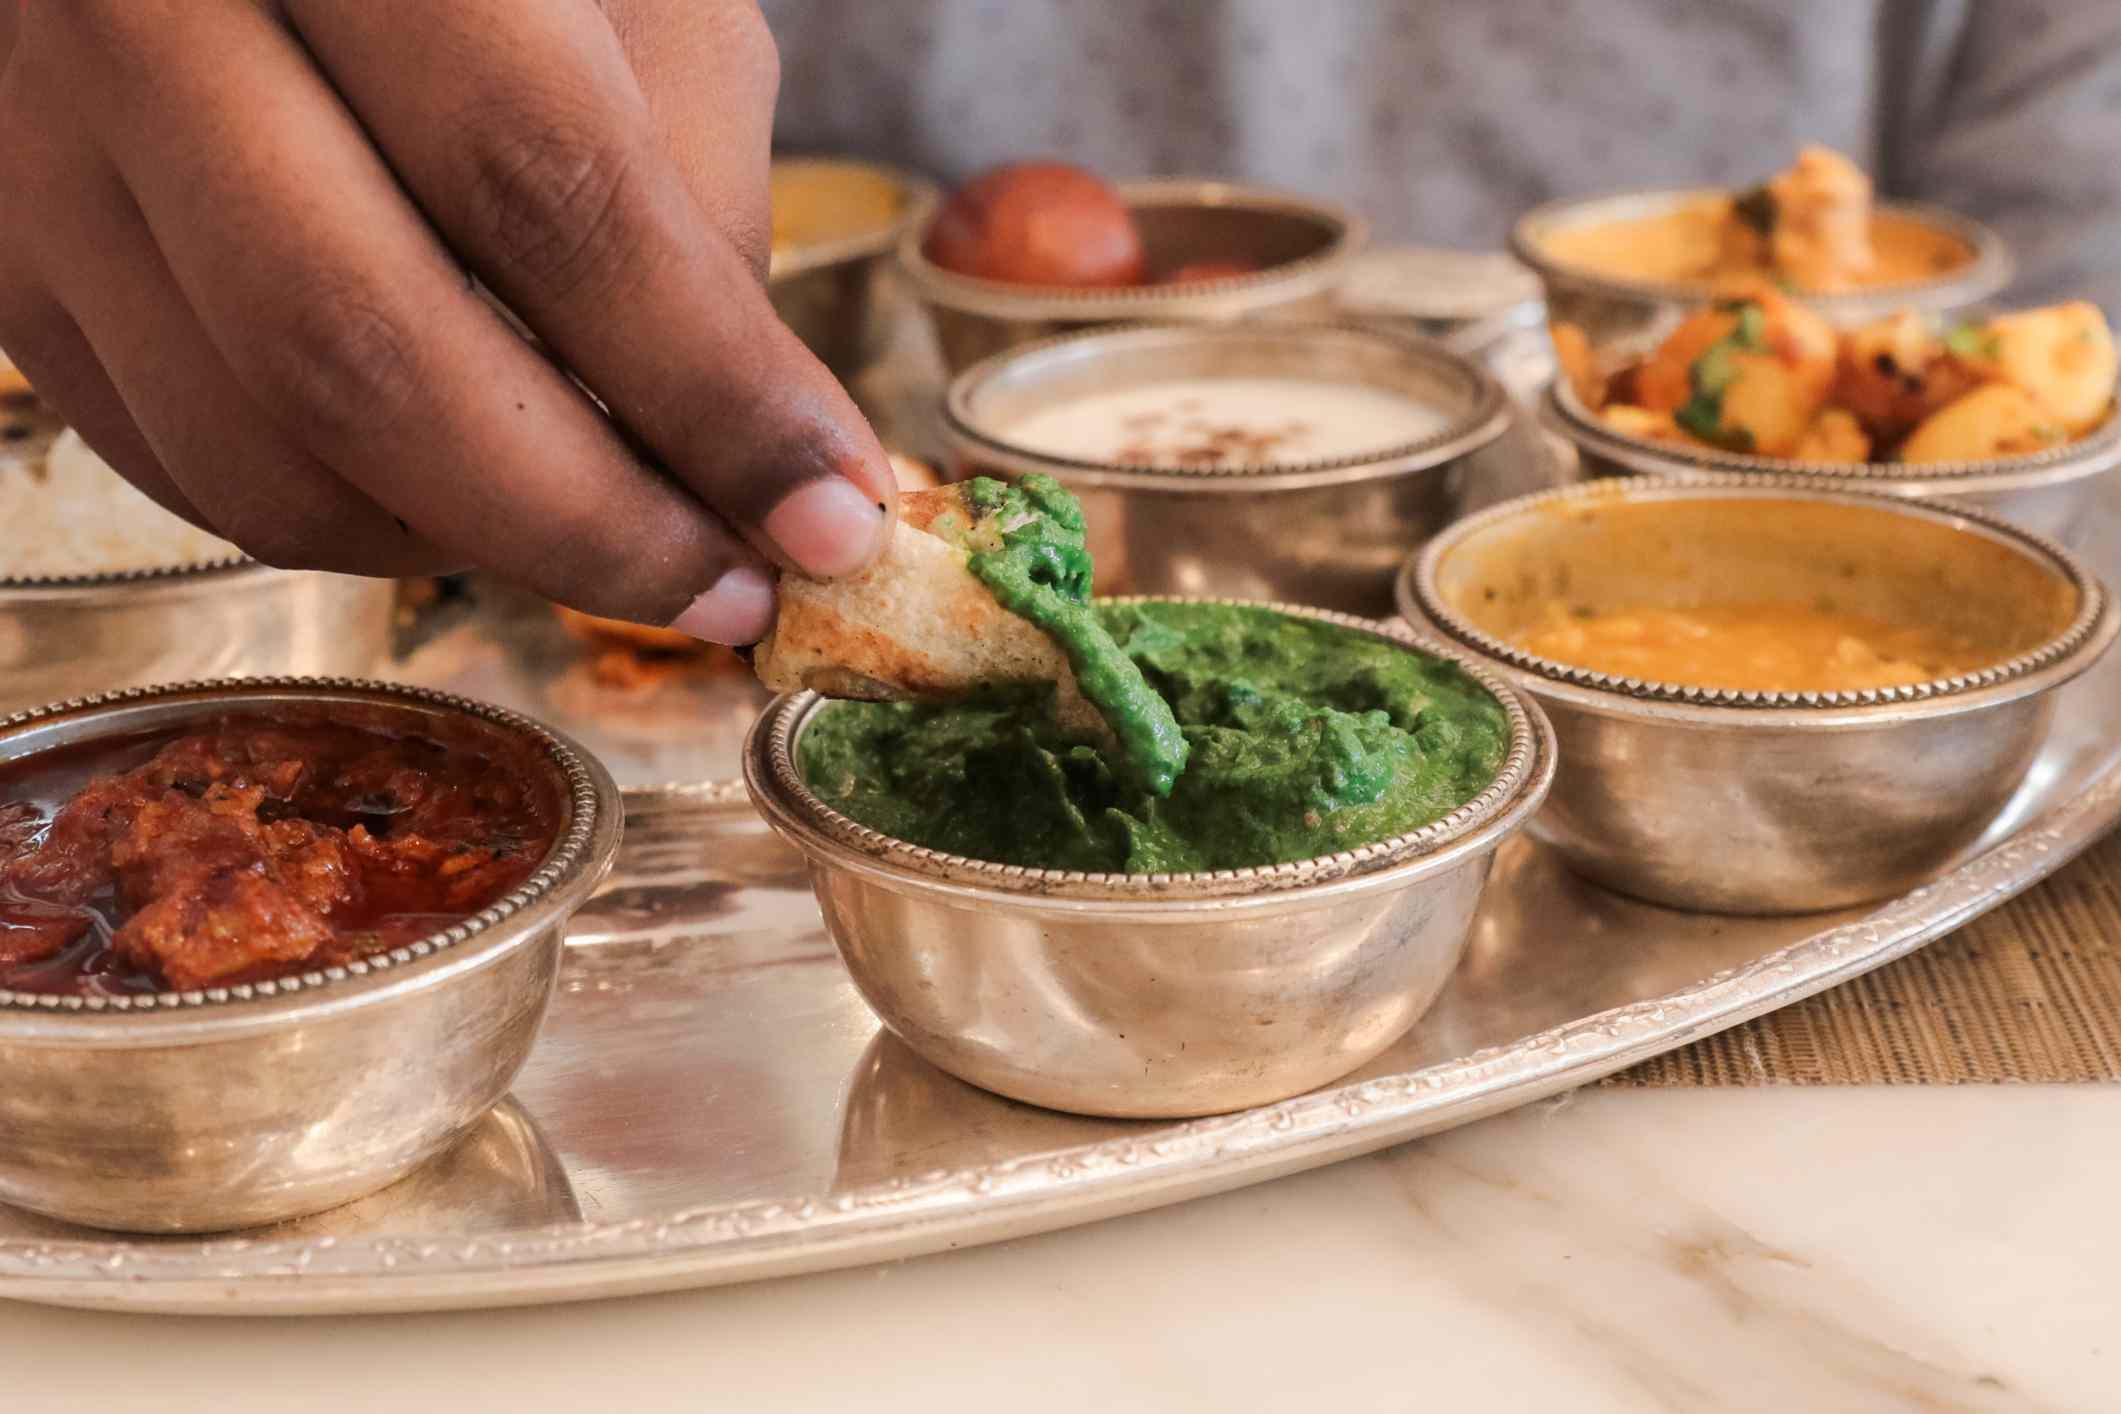 PunjabKesari, food, भोजन